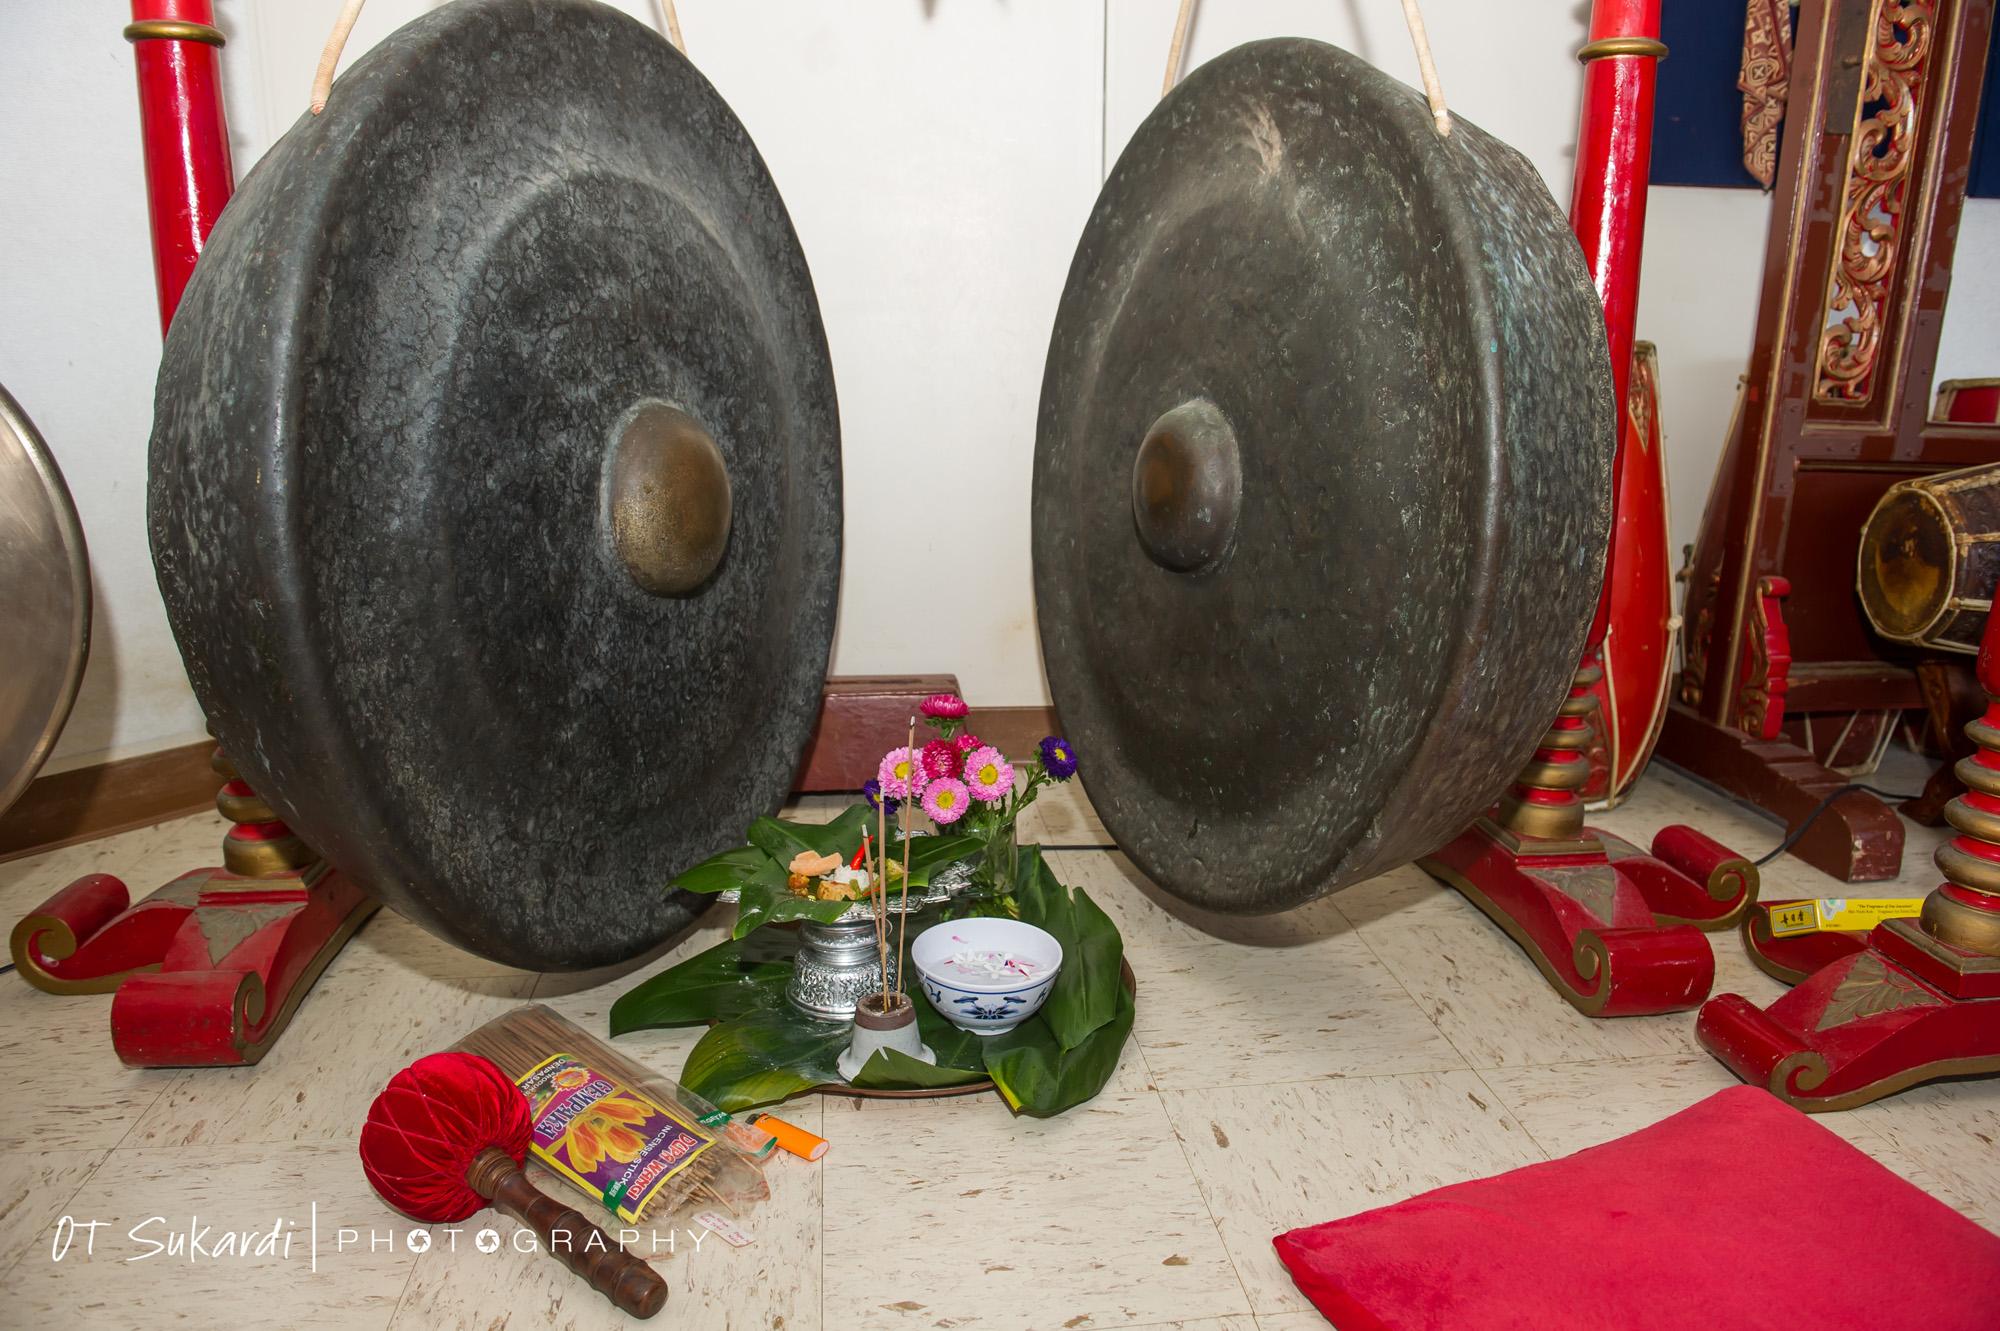 Gamelan gongs